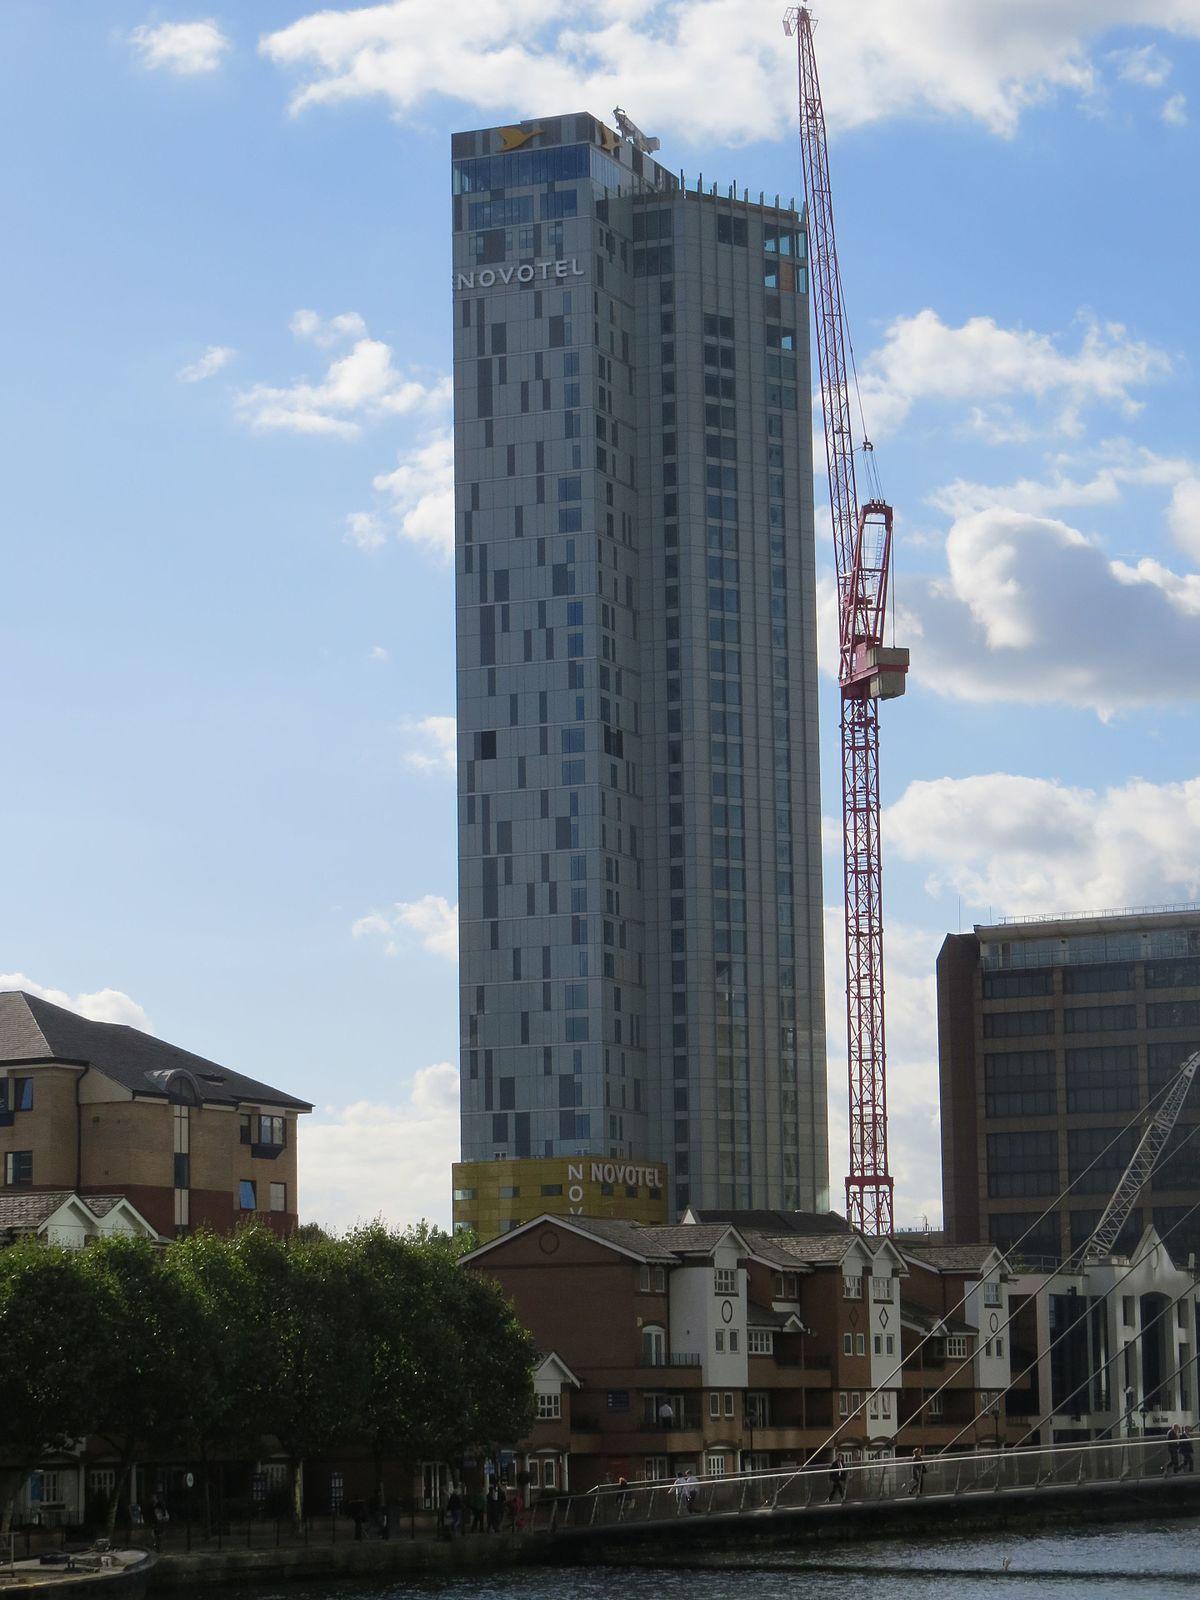 Hotel Novotel London Tower Bridge London Vereinigtes Konigreich